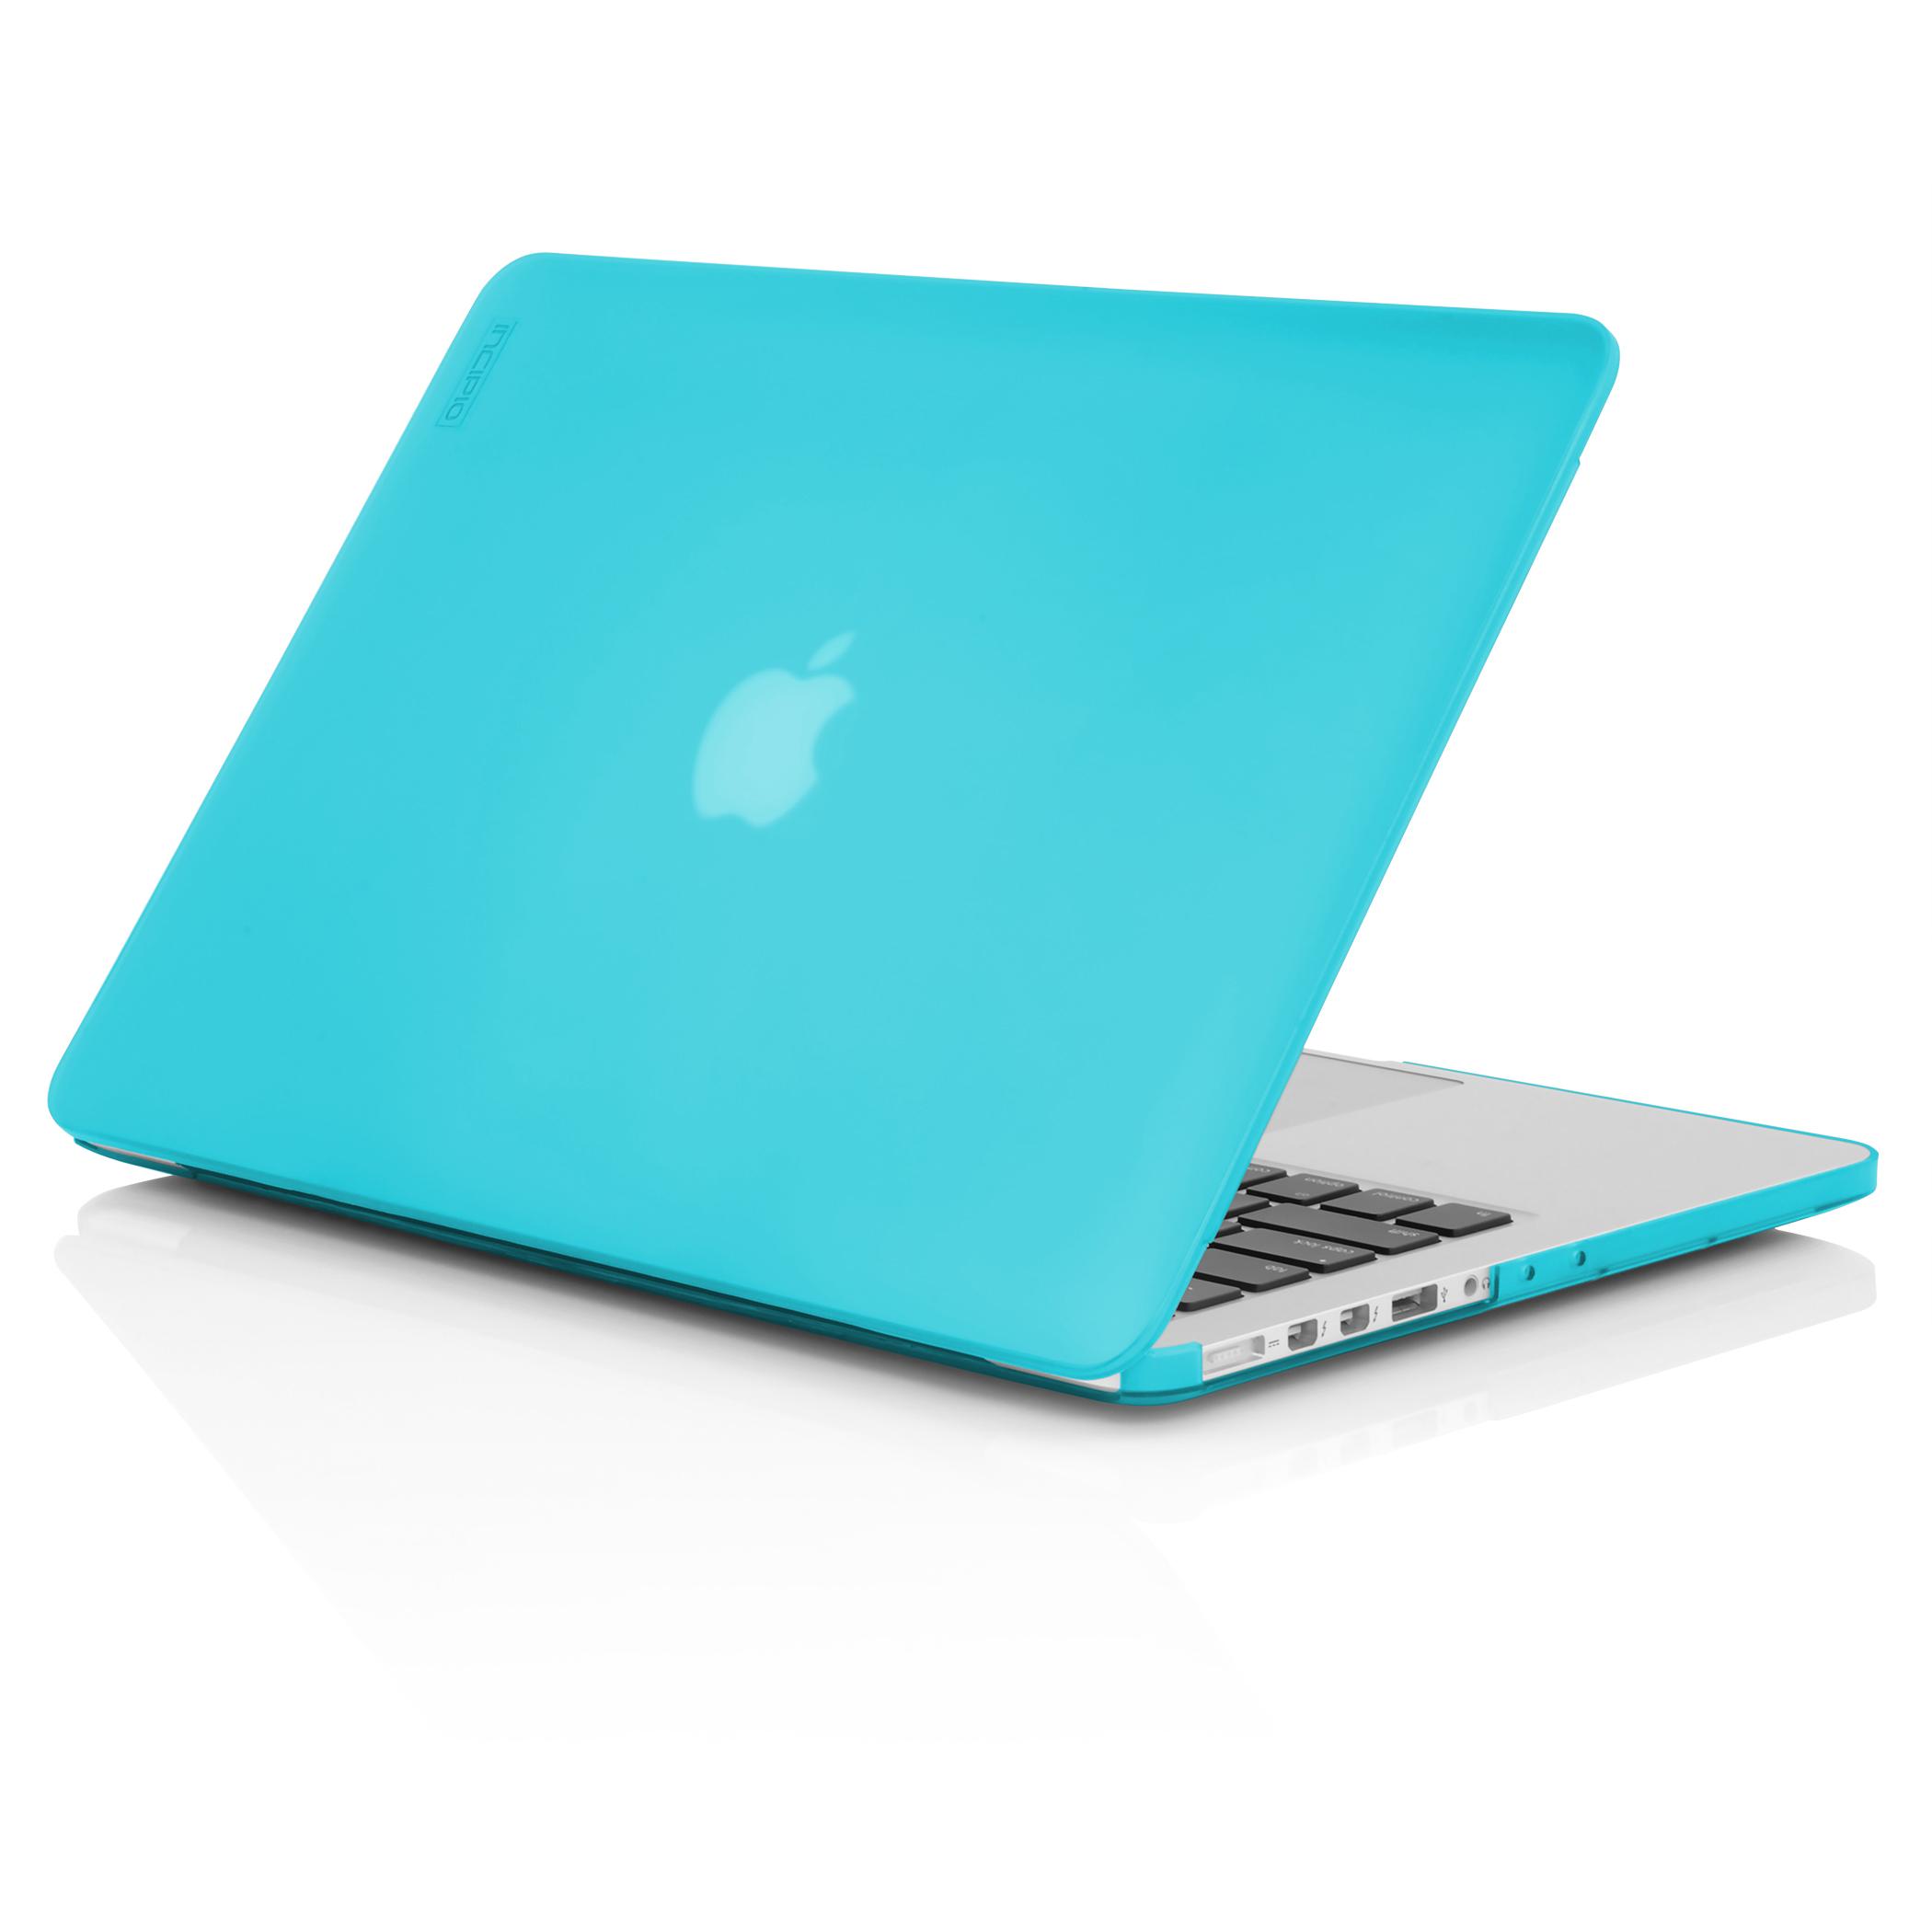 macbook manuals apple support